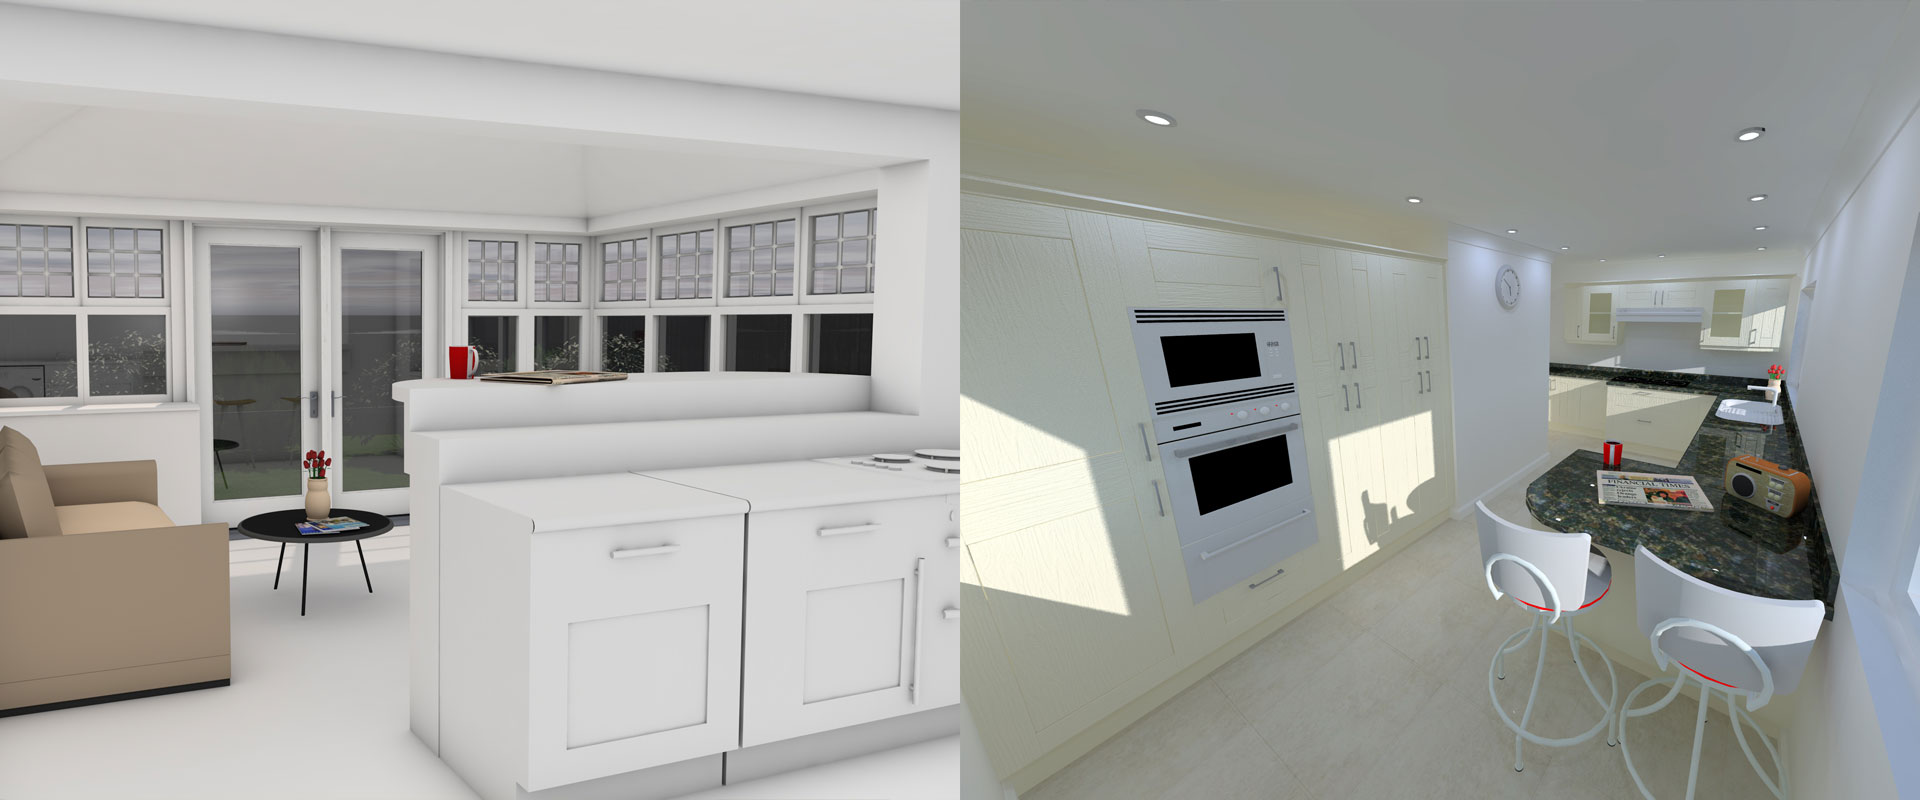 Kitchen design aberdeen 28 images 100 kitchen design Home decorators aberdeen